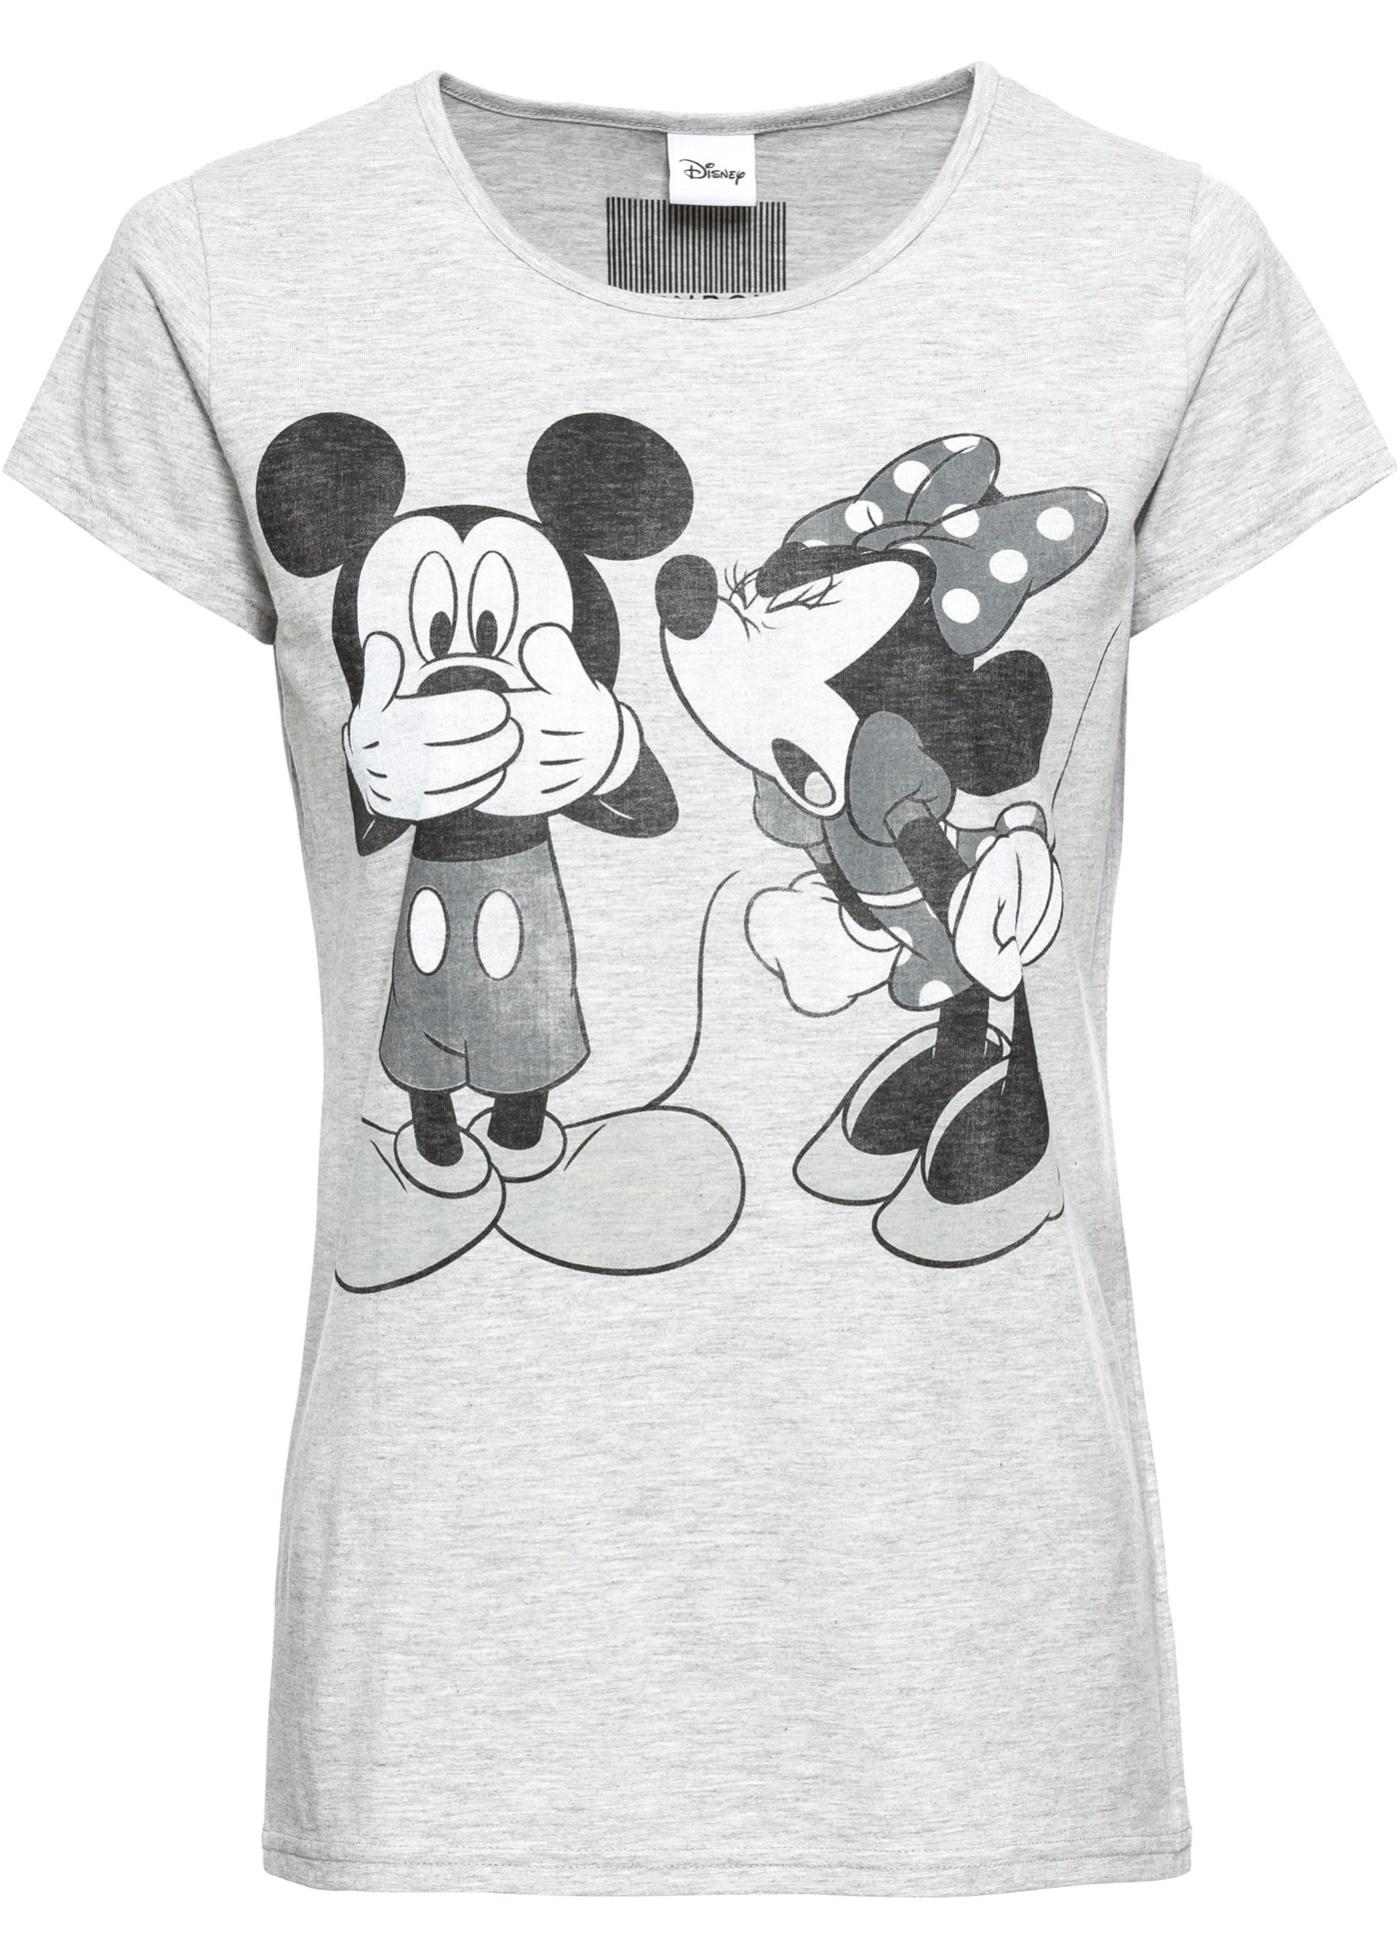 Maglia con stampa Micky Mouse (Grigio) - Disney